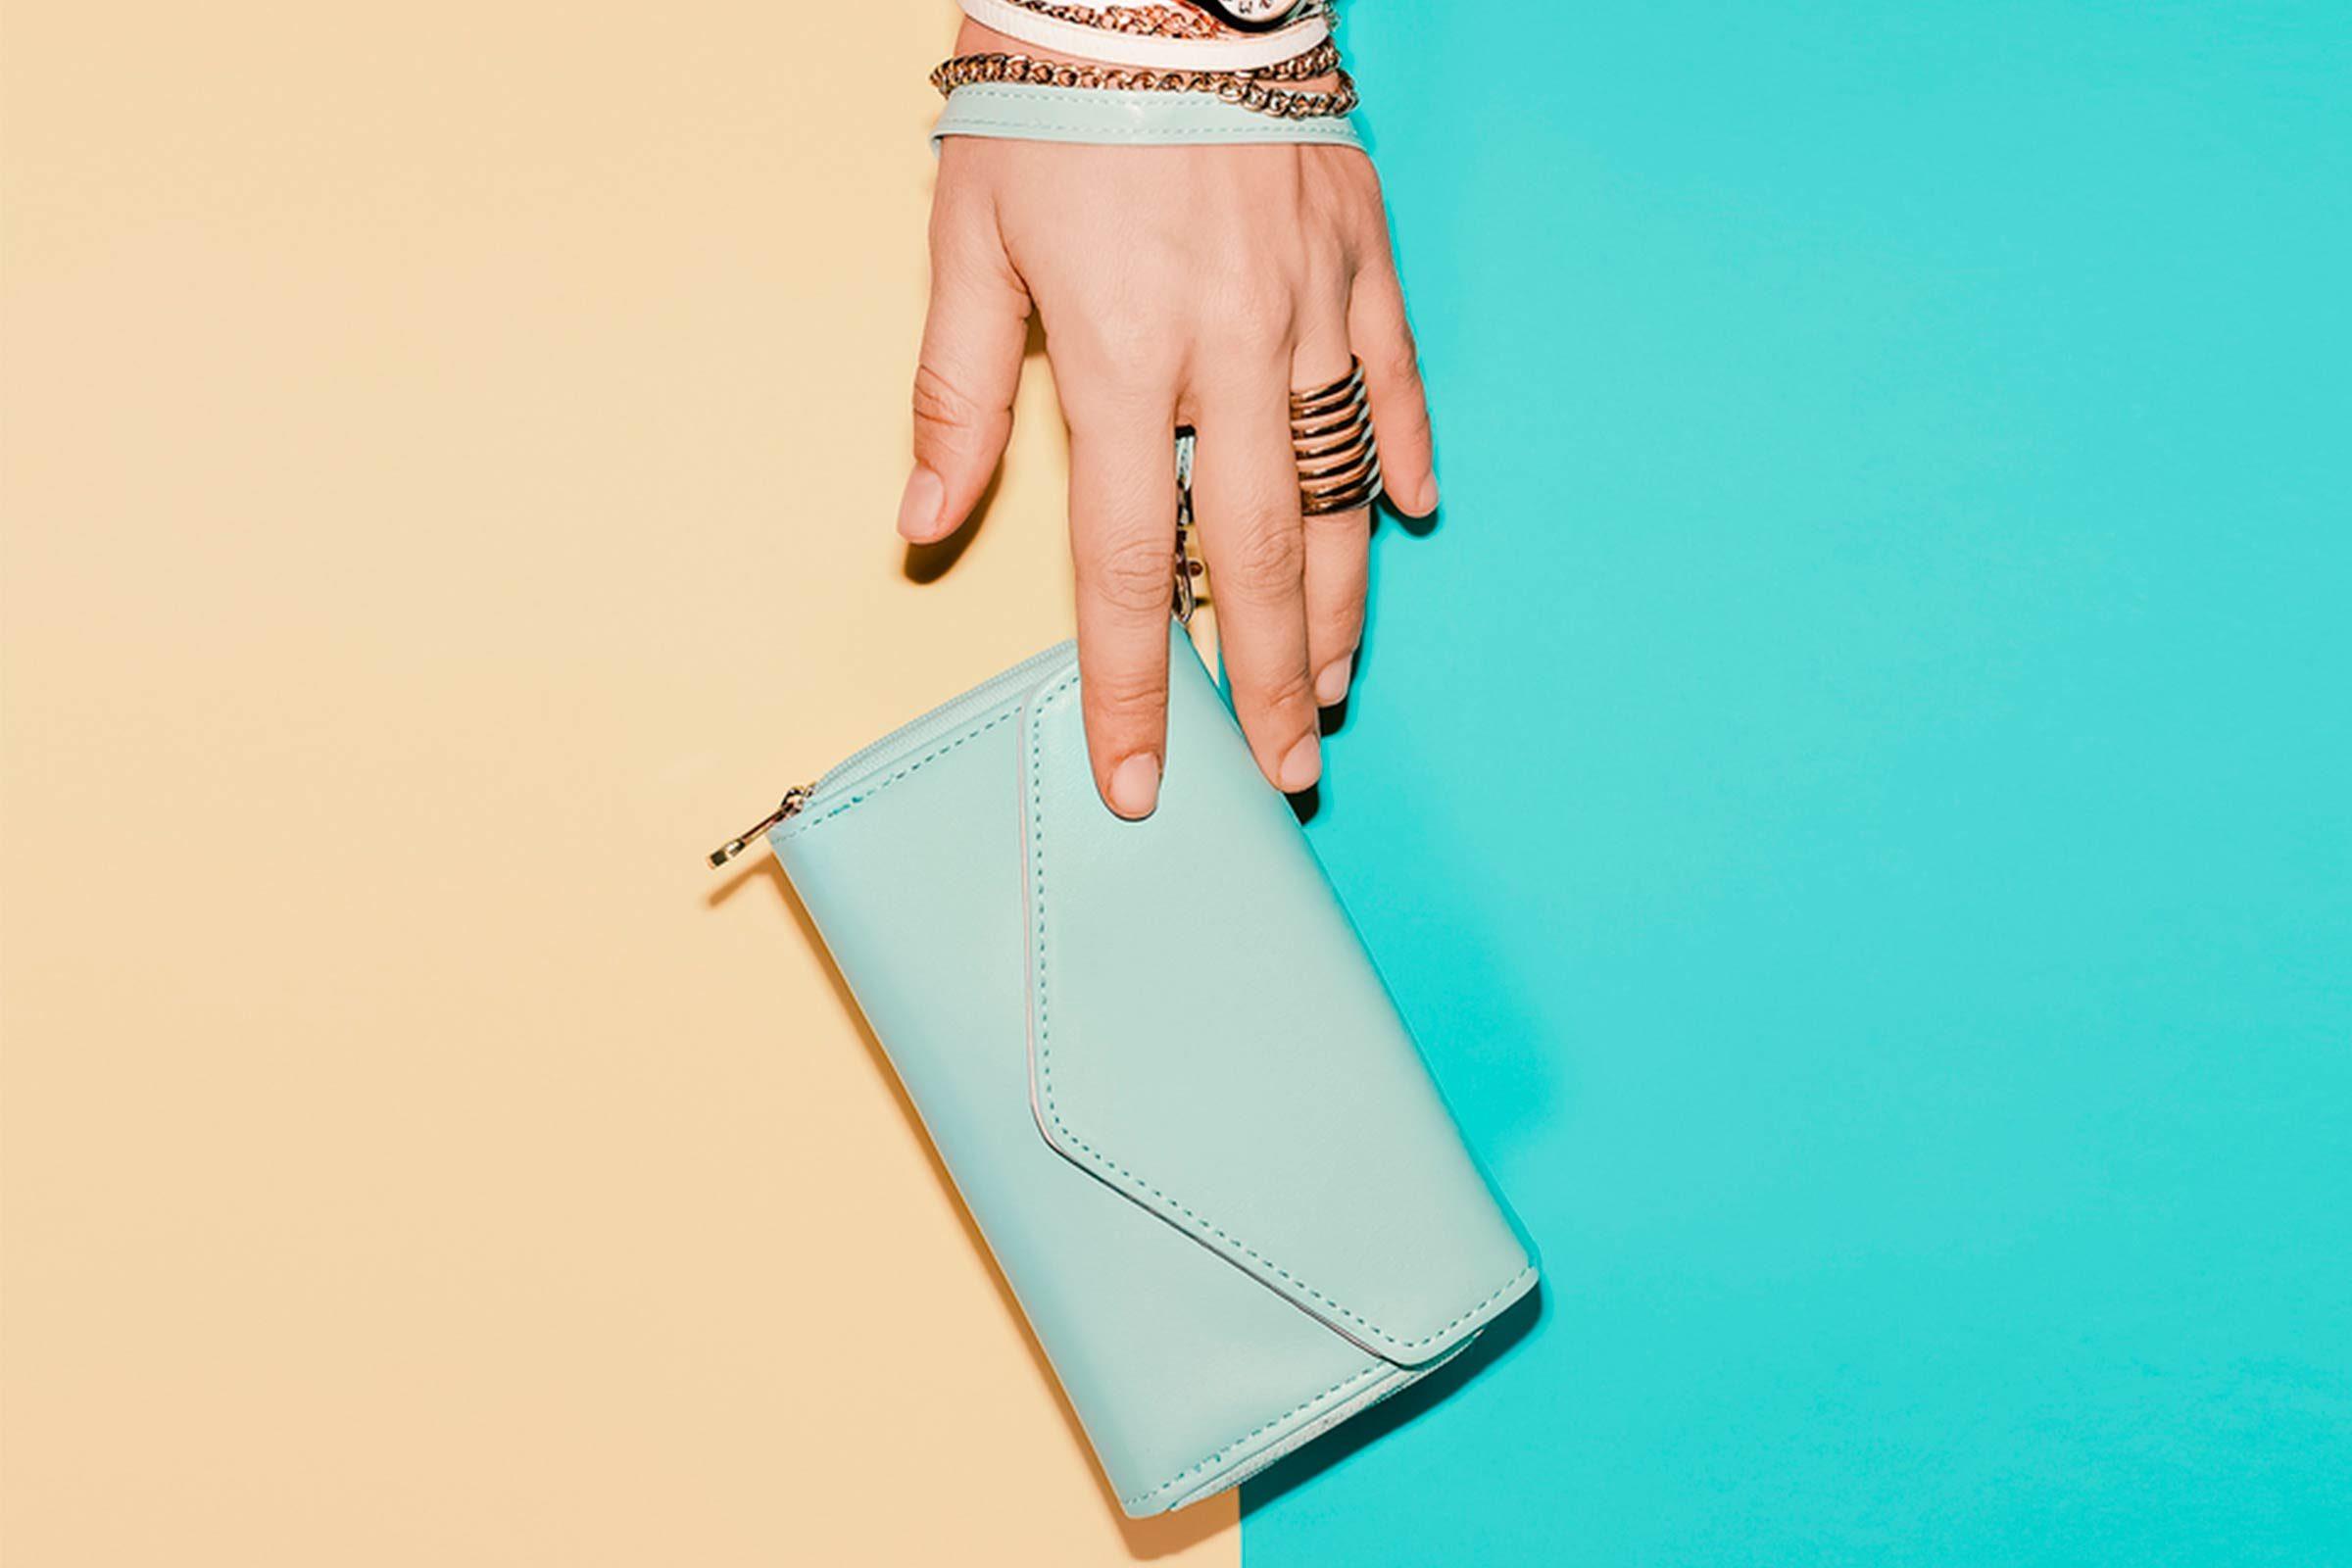 Désencombrez votre portefeuille pour éviter les problèmes de dos